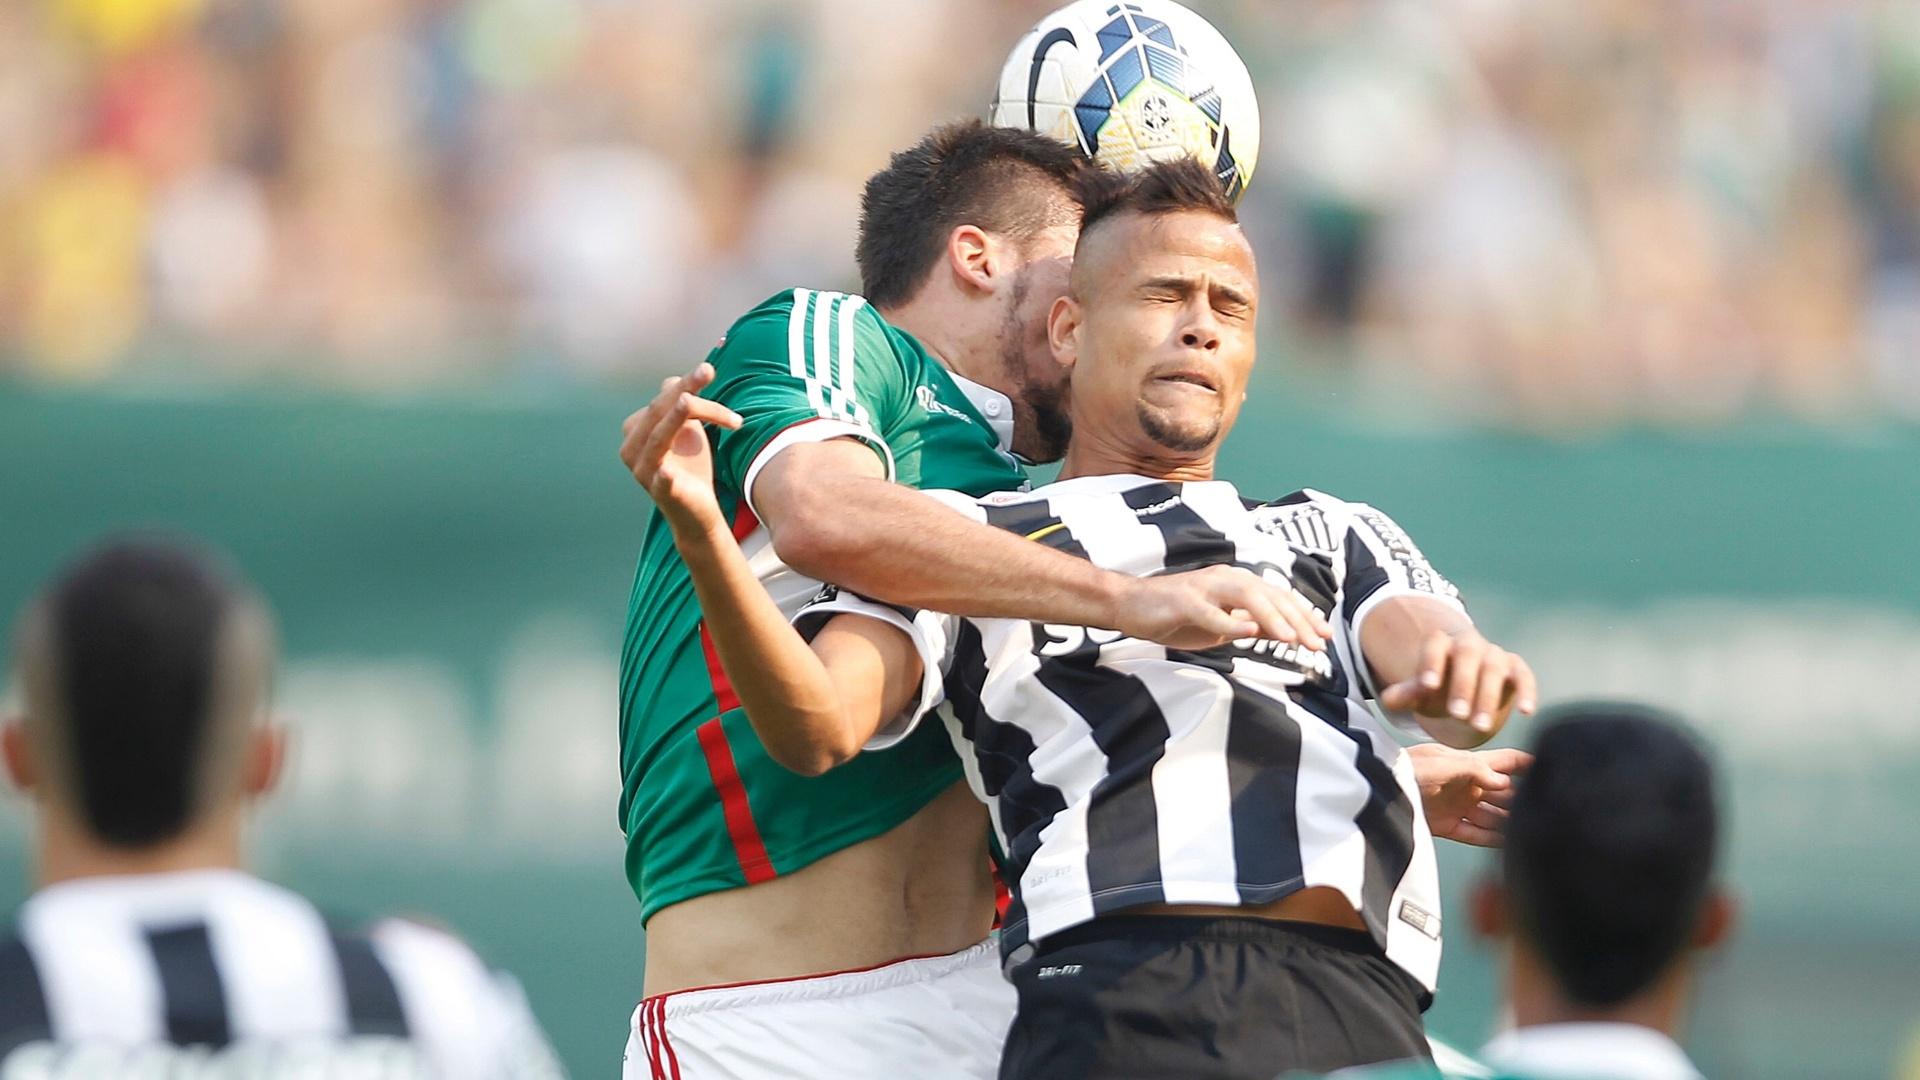 Geuvânio, do Santos, disputa lance pelo alto com Victor Luis, do Palmeiras, durante clássico no Pacaembu